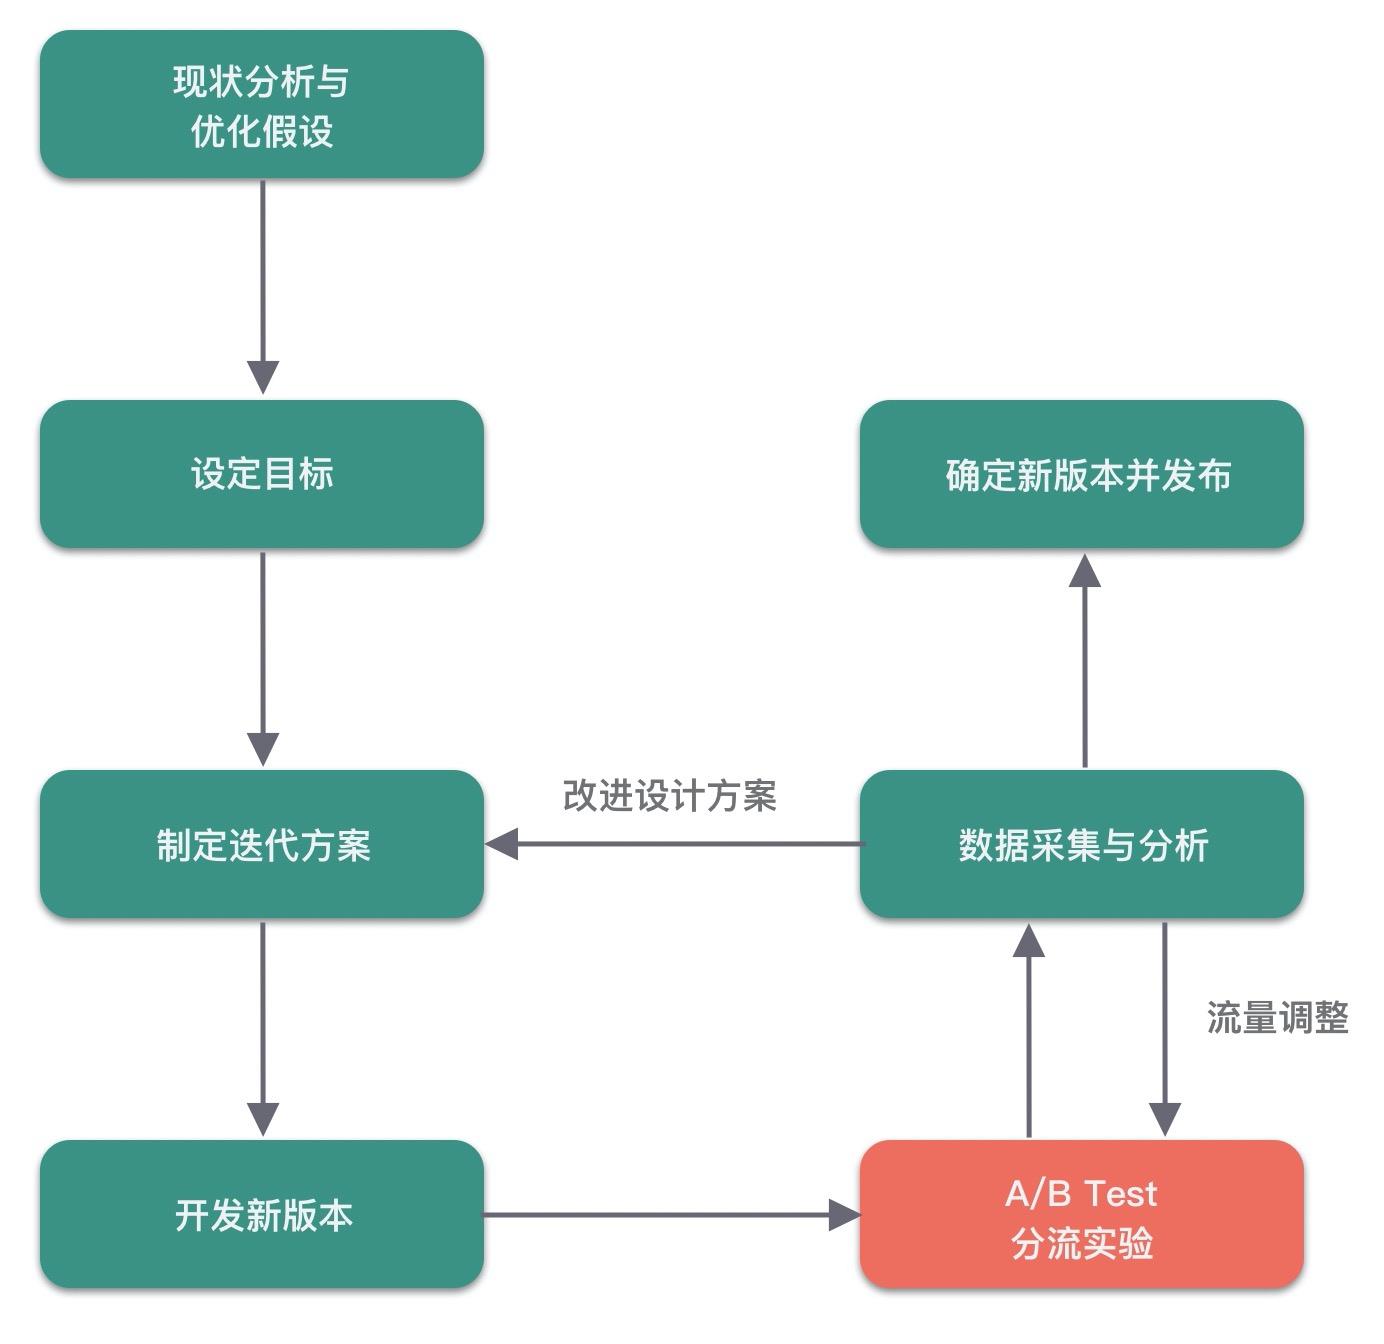 A/B Test基本流程